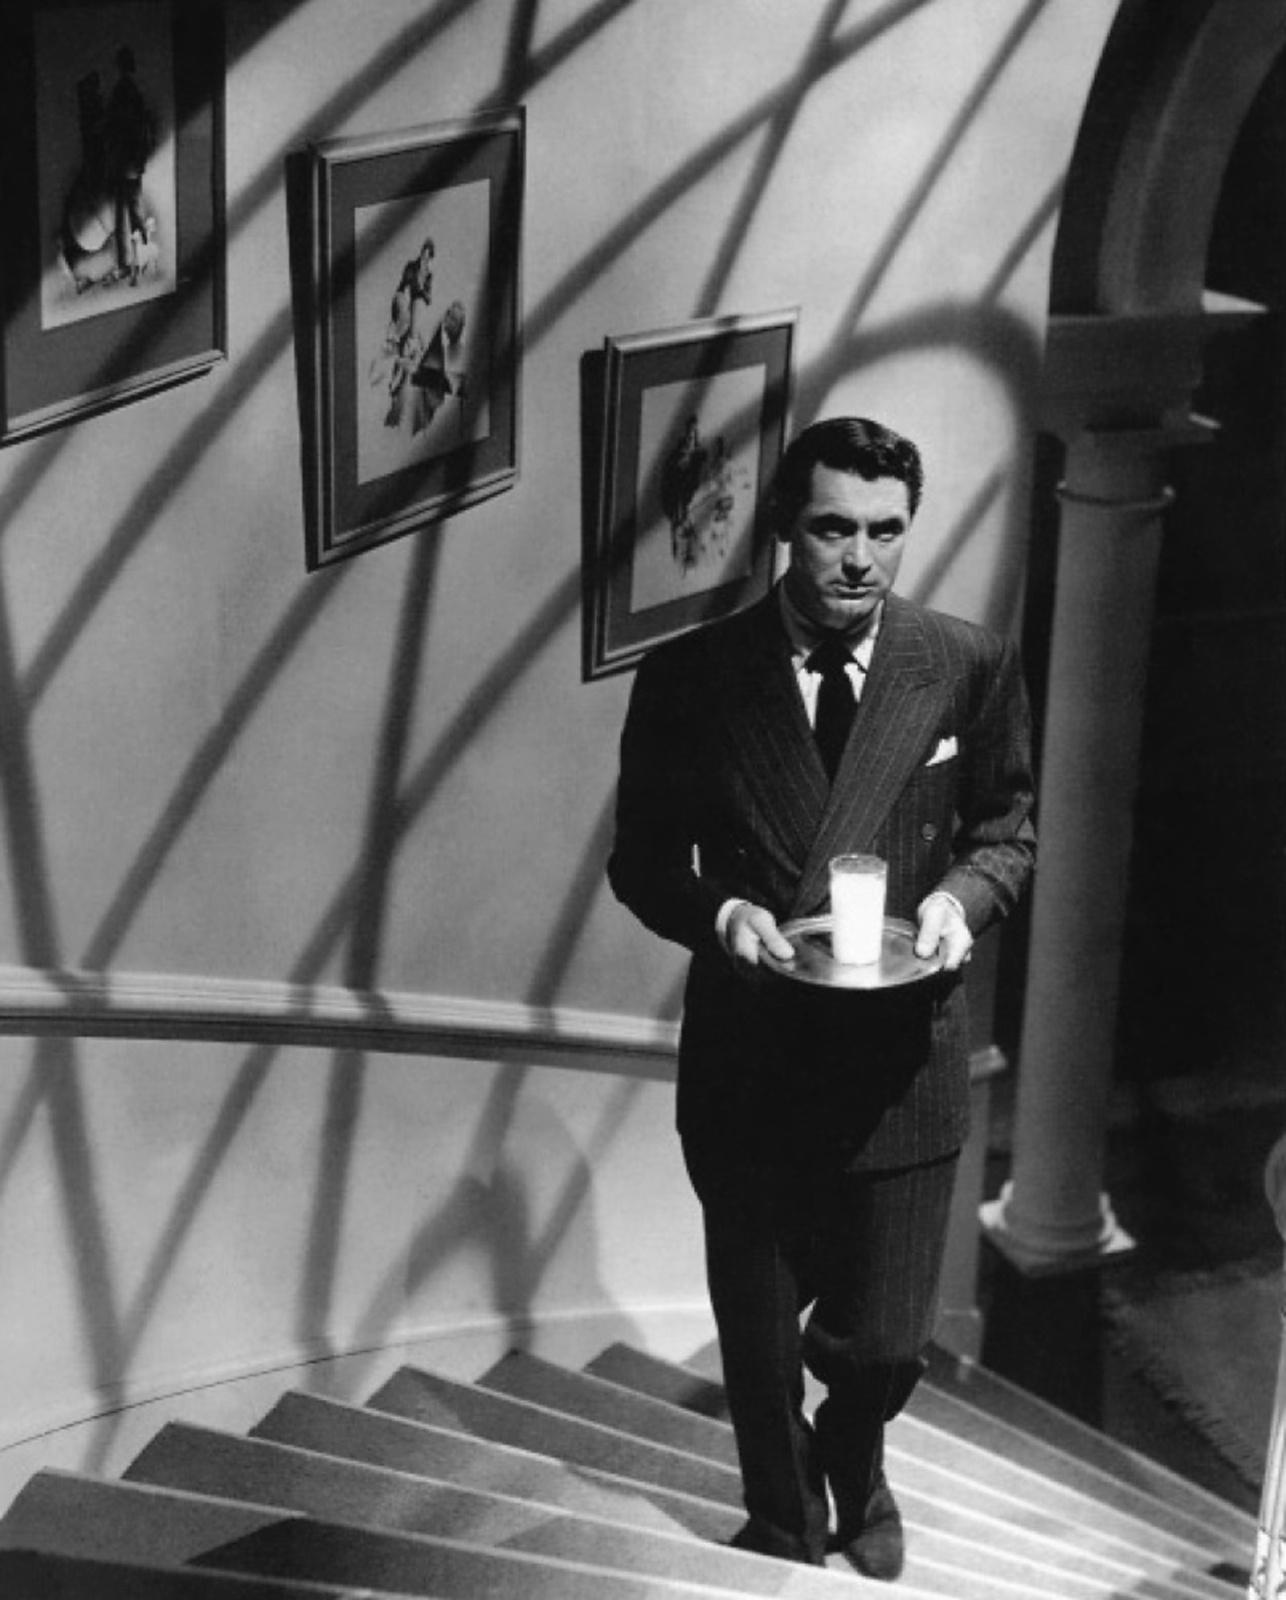 289. Suspicion (1941)